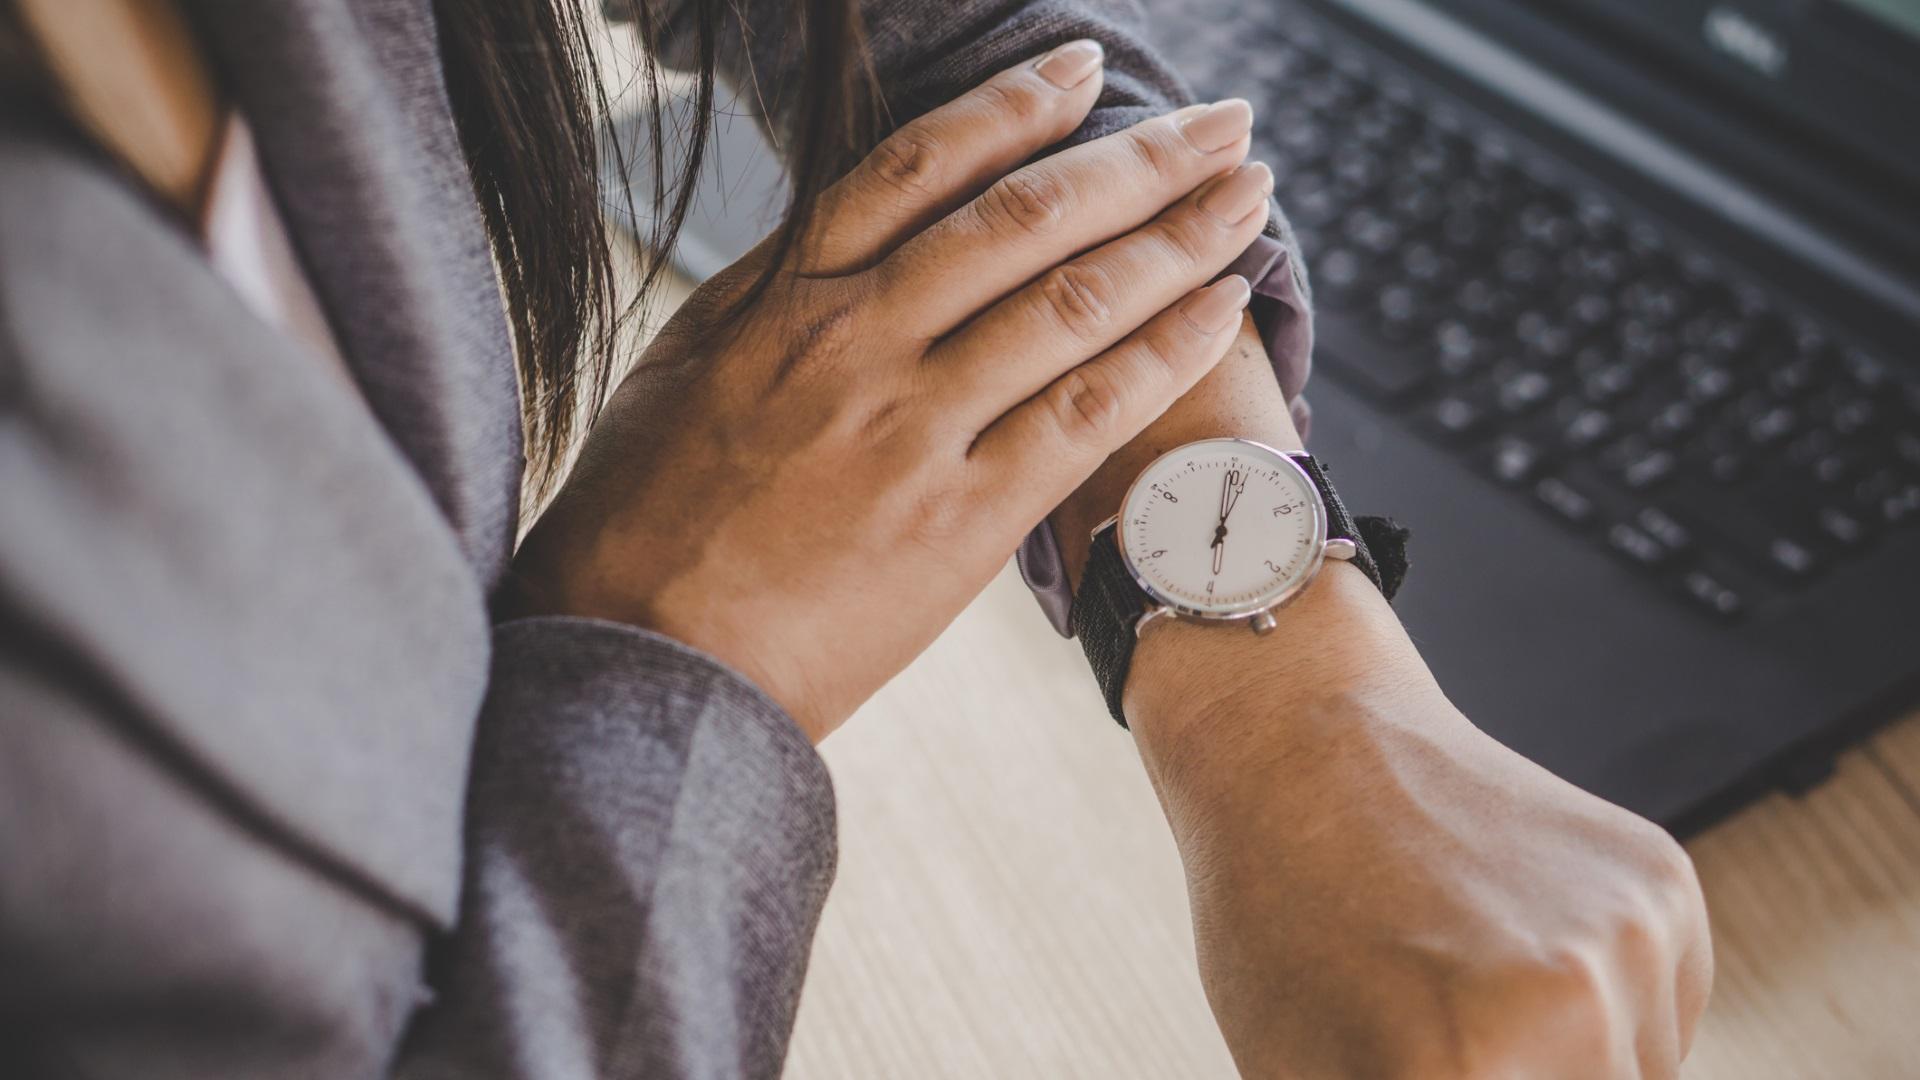 Погледнете часовника<br /> <br /> Следващия път, когато ви се прияде нещо вредно, погледнете часовника. Ако е 15 – 16 ч., разберете, че това е времето когато кортизолът ви дреме и ви кара да се чувствате уморени. Вместо да потърсите нещо сладко, излезте на слънце, раздвижете се и вземете лека закуска с въглехидрати и мазнини или въглехидрати и протеини.